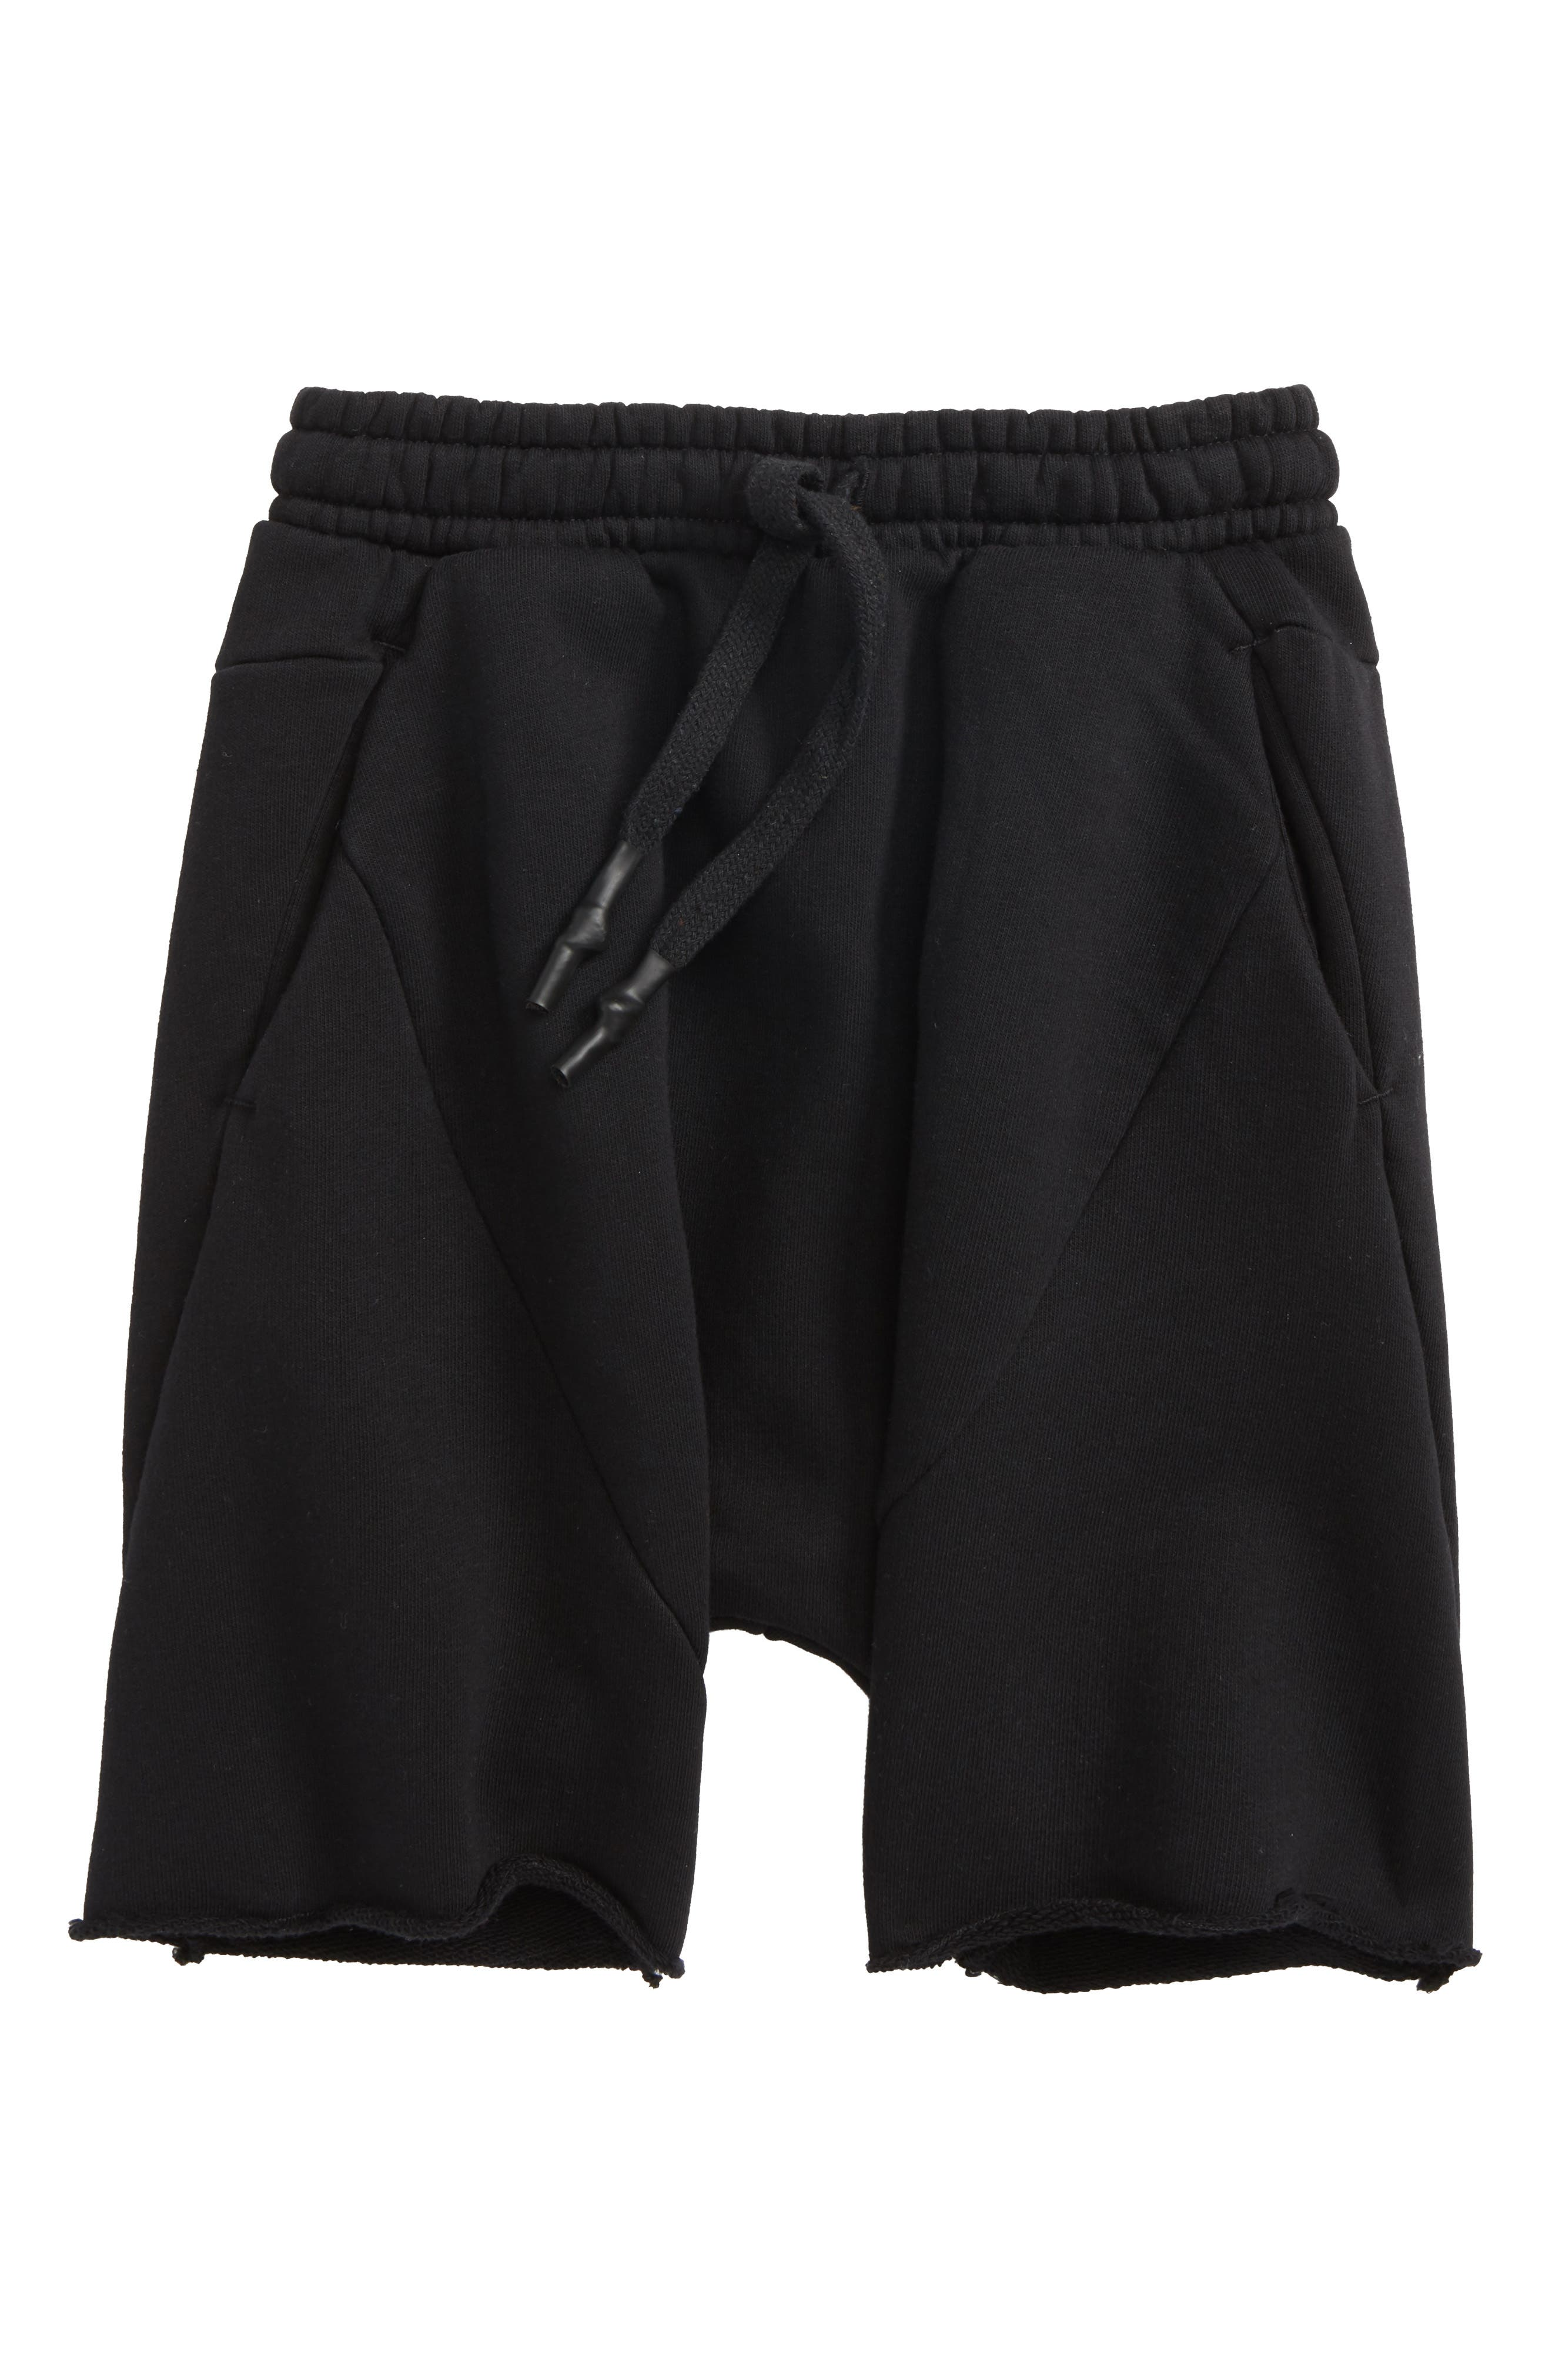 NUNUNU,                             Knit Shorts,                             Main thumbnail 1, color,                             001